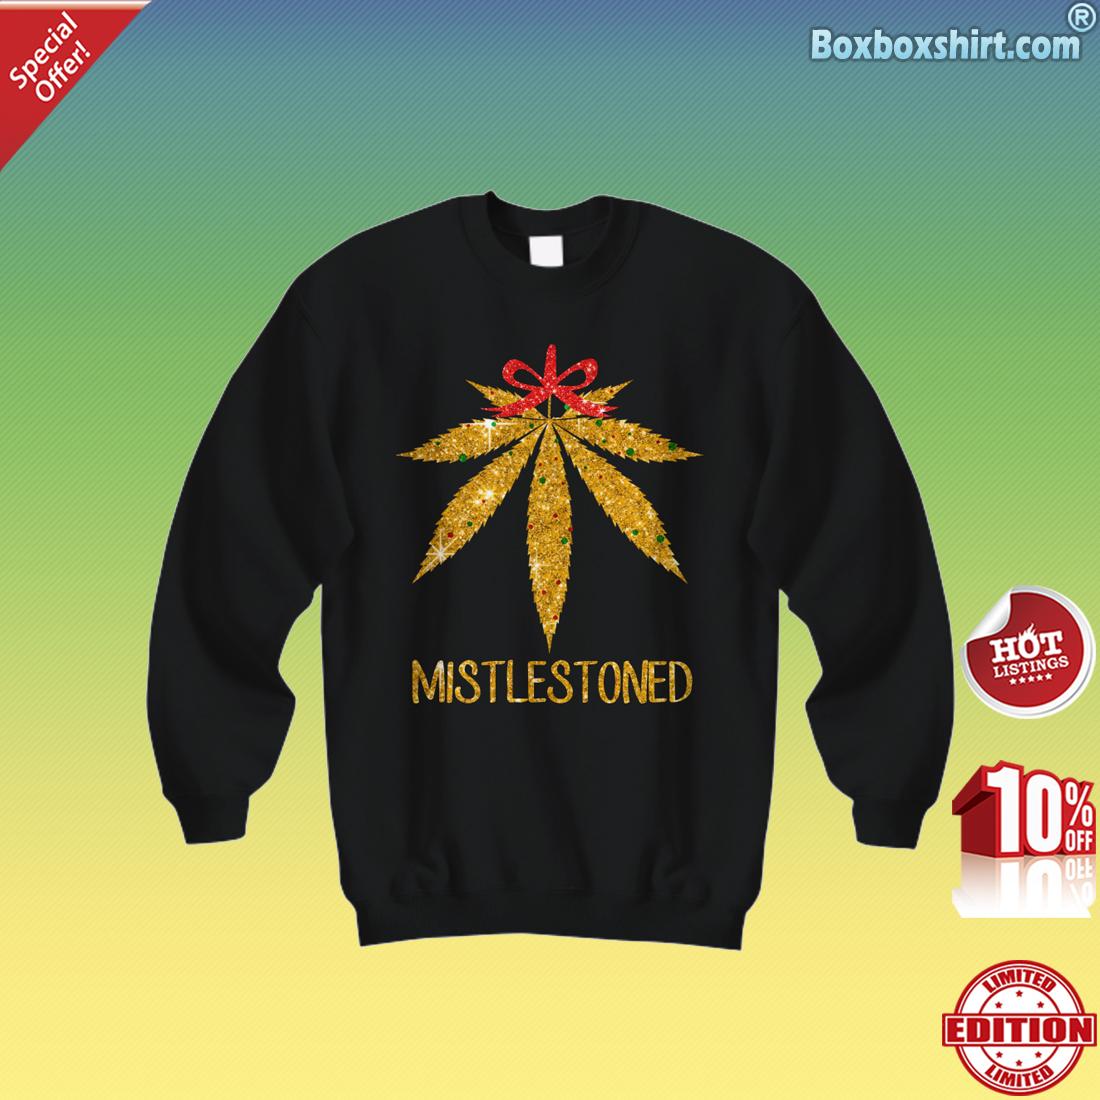 Cannabis mistletoe mistlestoned Sweatshirt